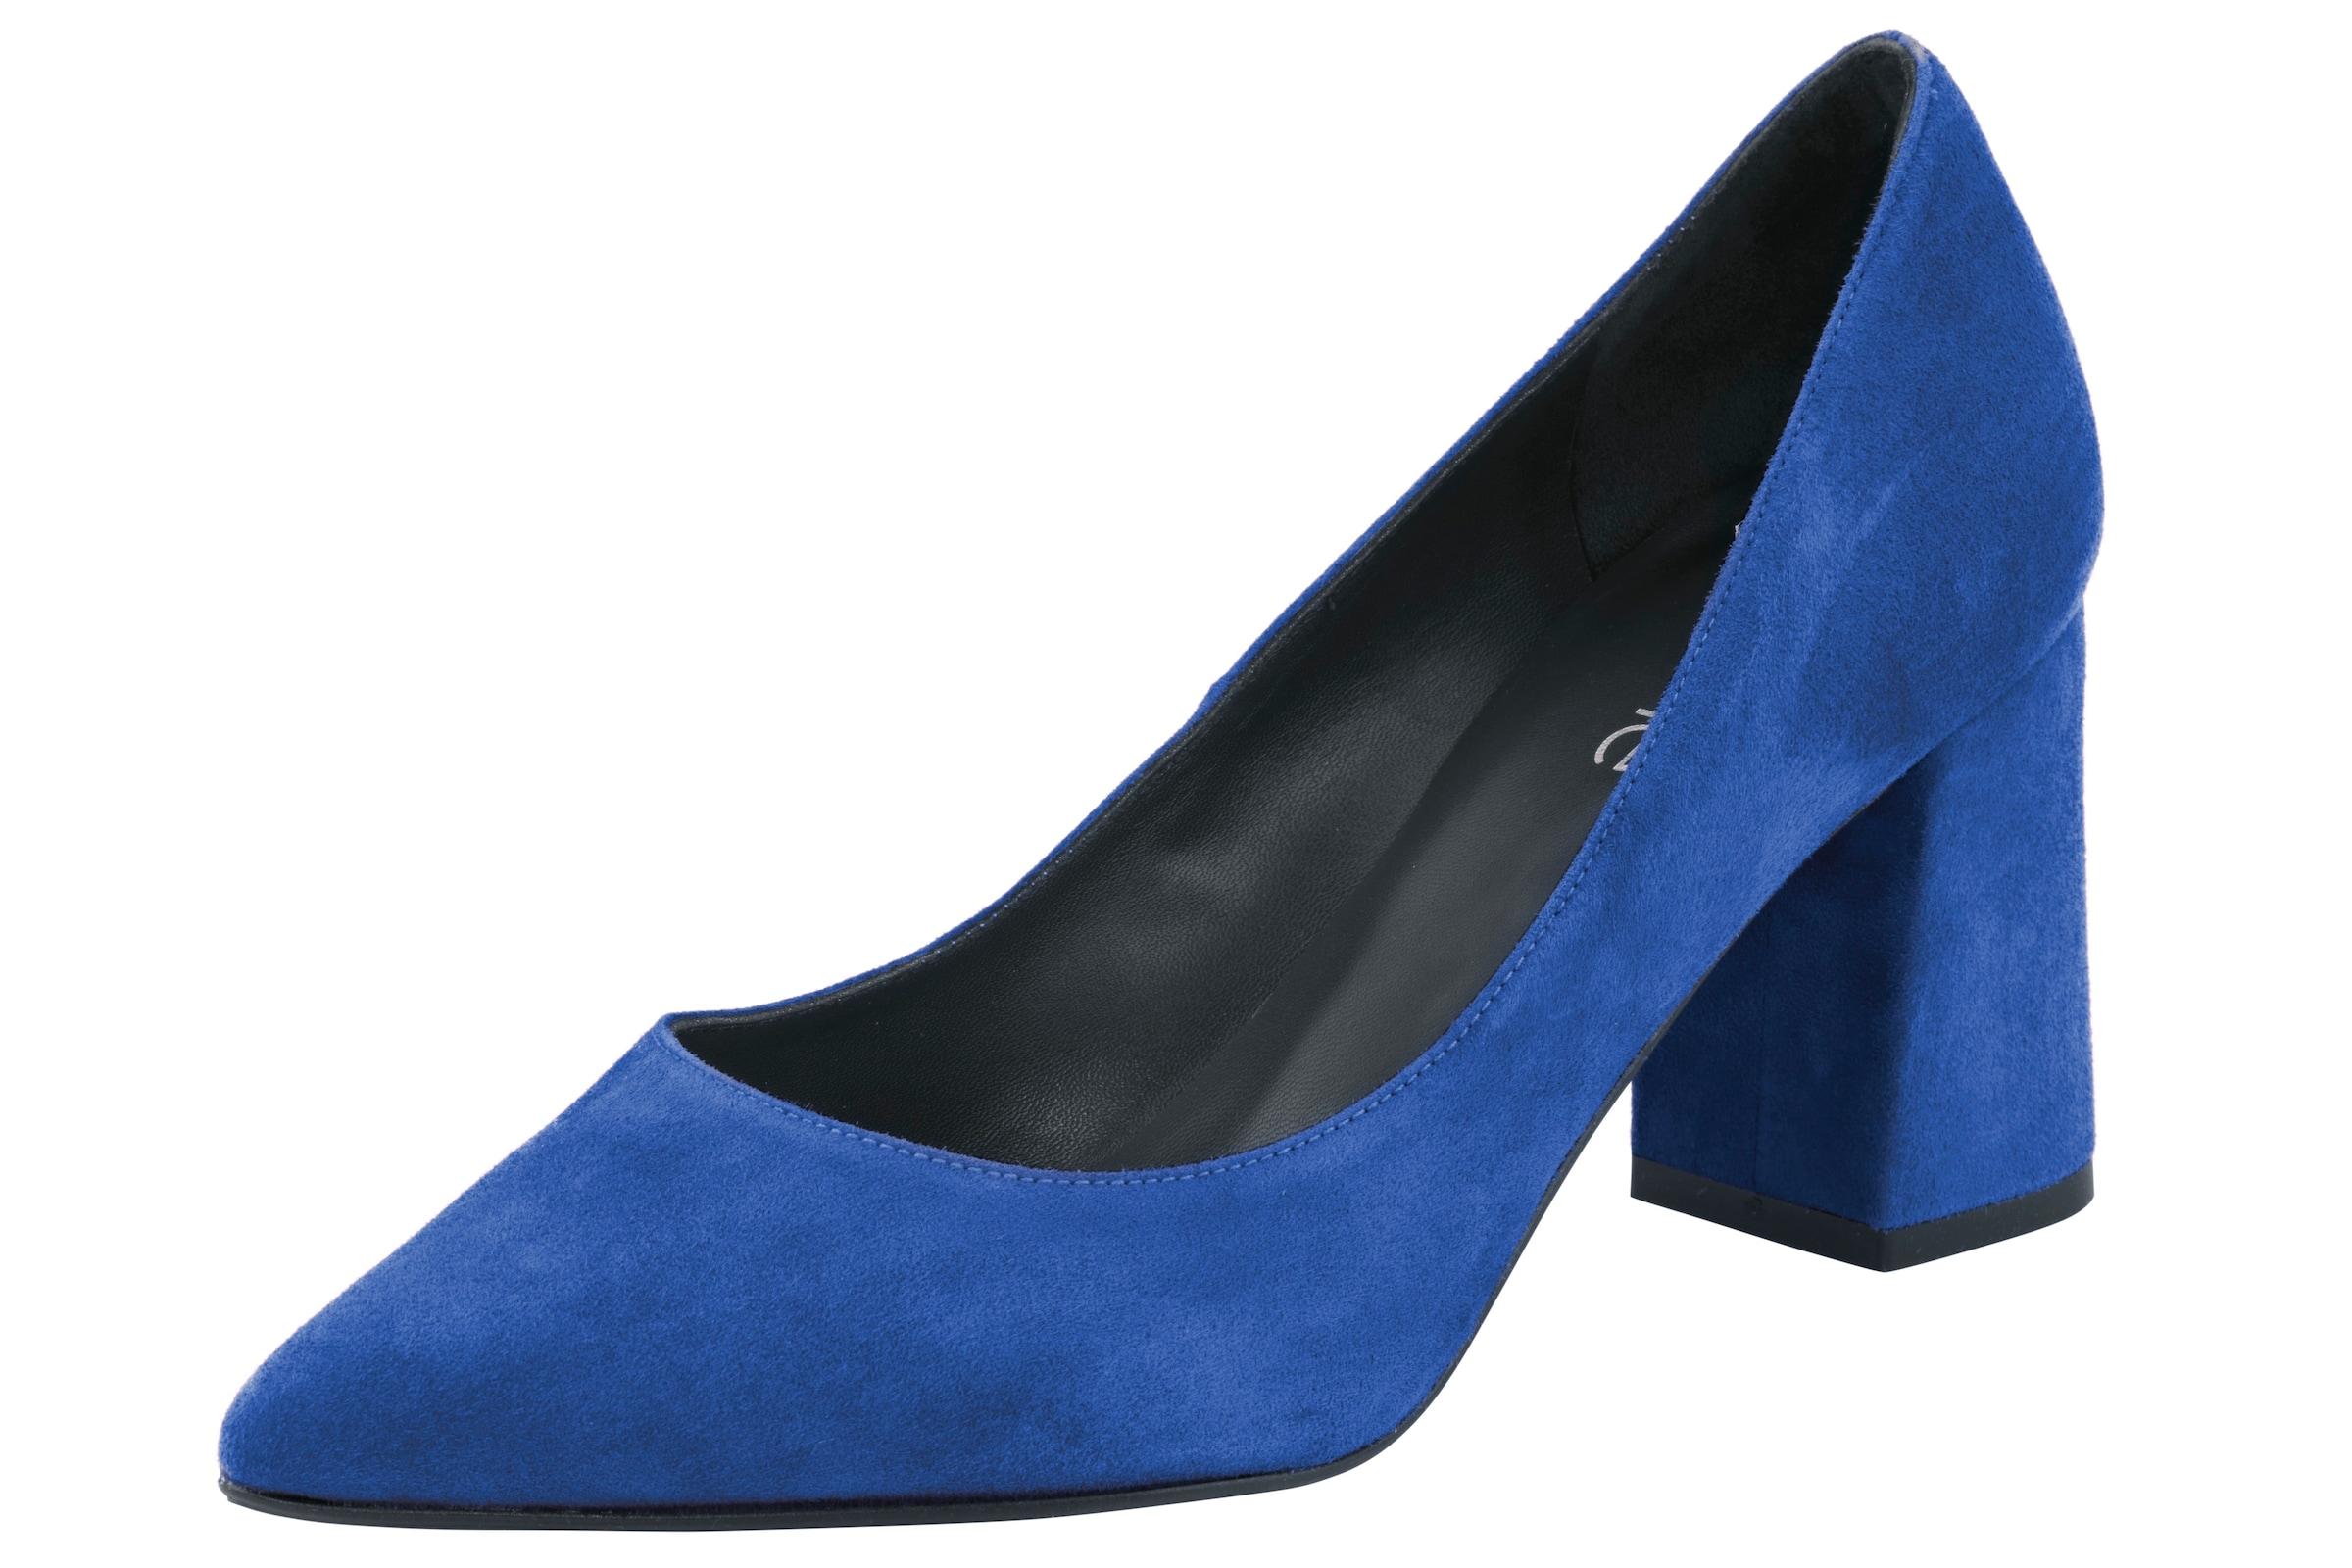 heine Pumps Verschleißfeste billige Schuhe Hohe Qualität